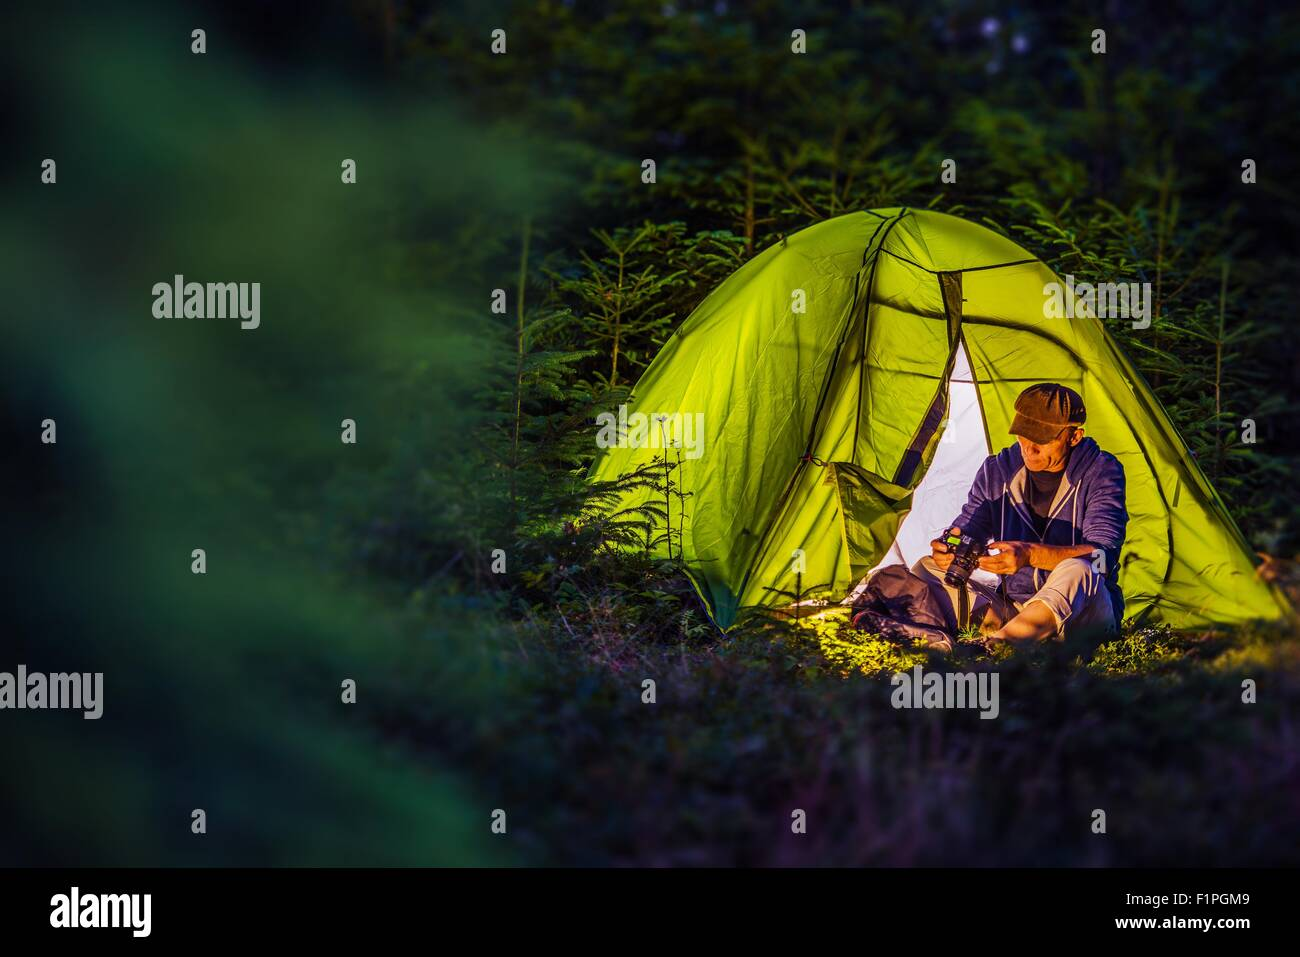 Übernachtung-Wald Camping. Mittleren Alters kaukasische Wanderer mit seiner digitalen Kamera und die beleuchteten Stockbild